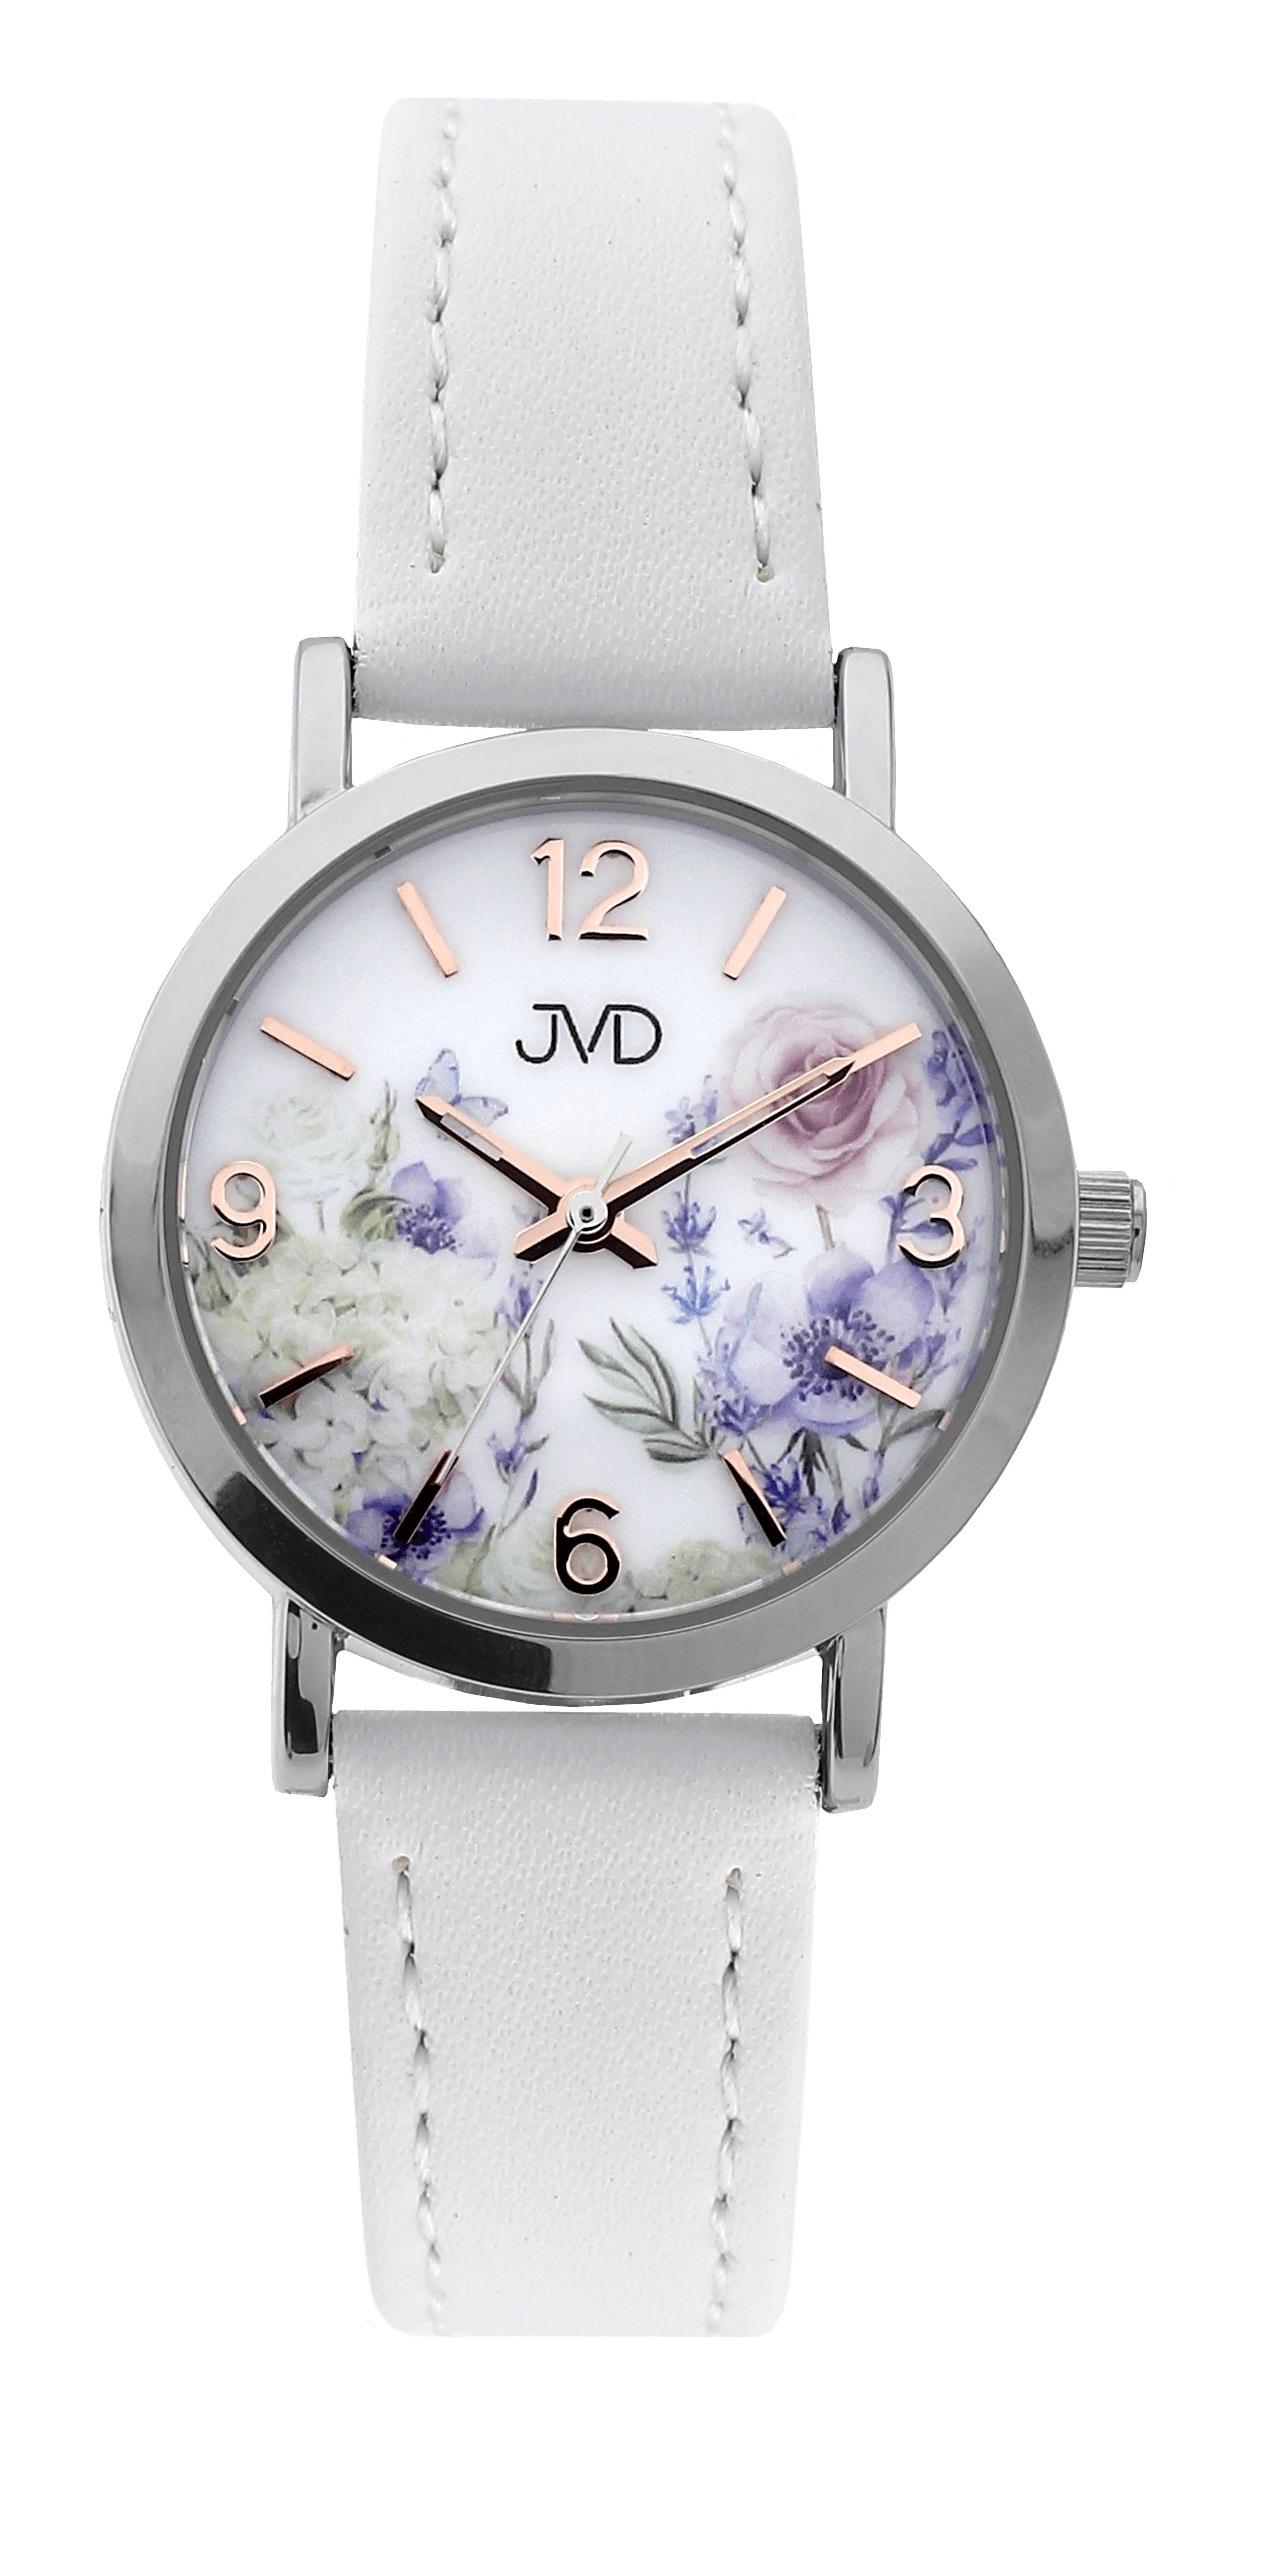 Dětské dívčí přehledné náramkové hodinky JVD J7184.2